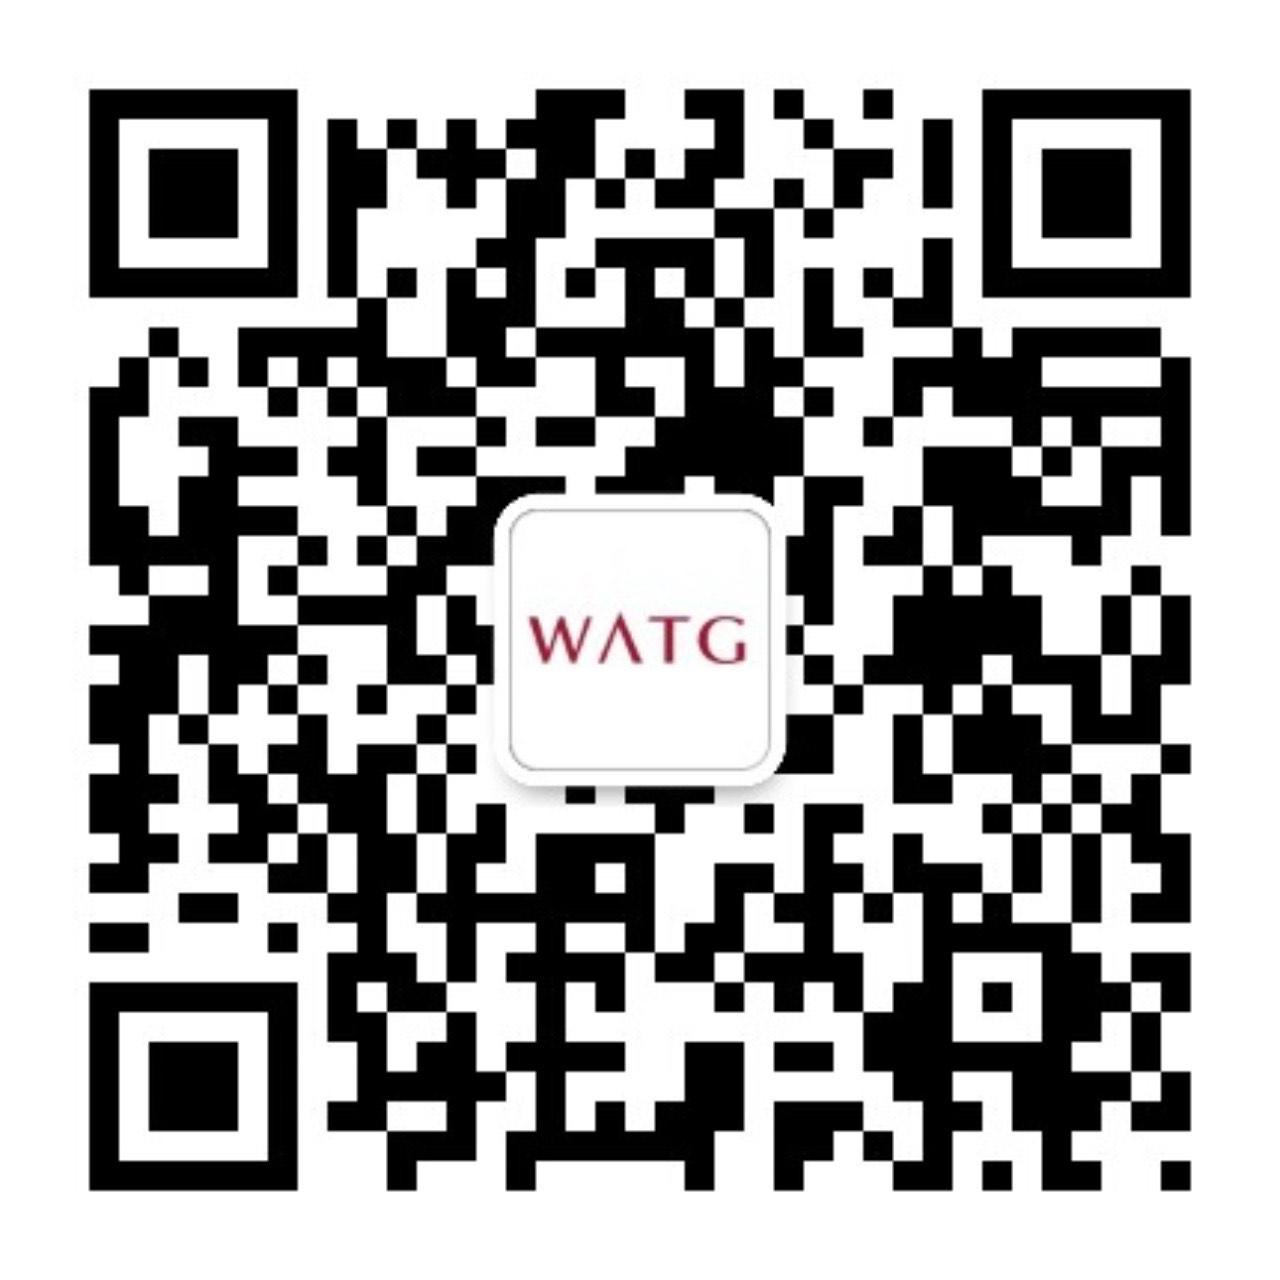 WATG WeChat QR Code